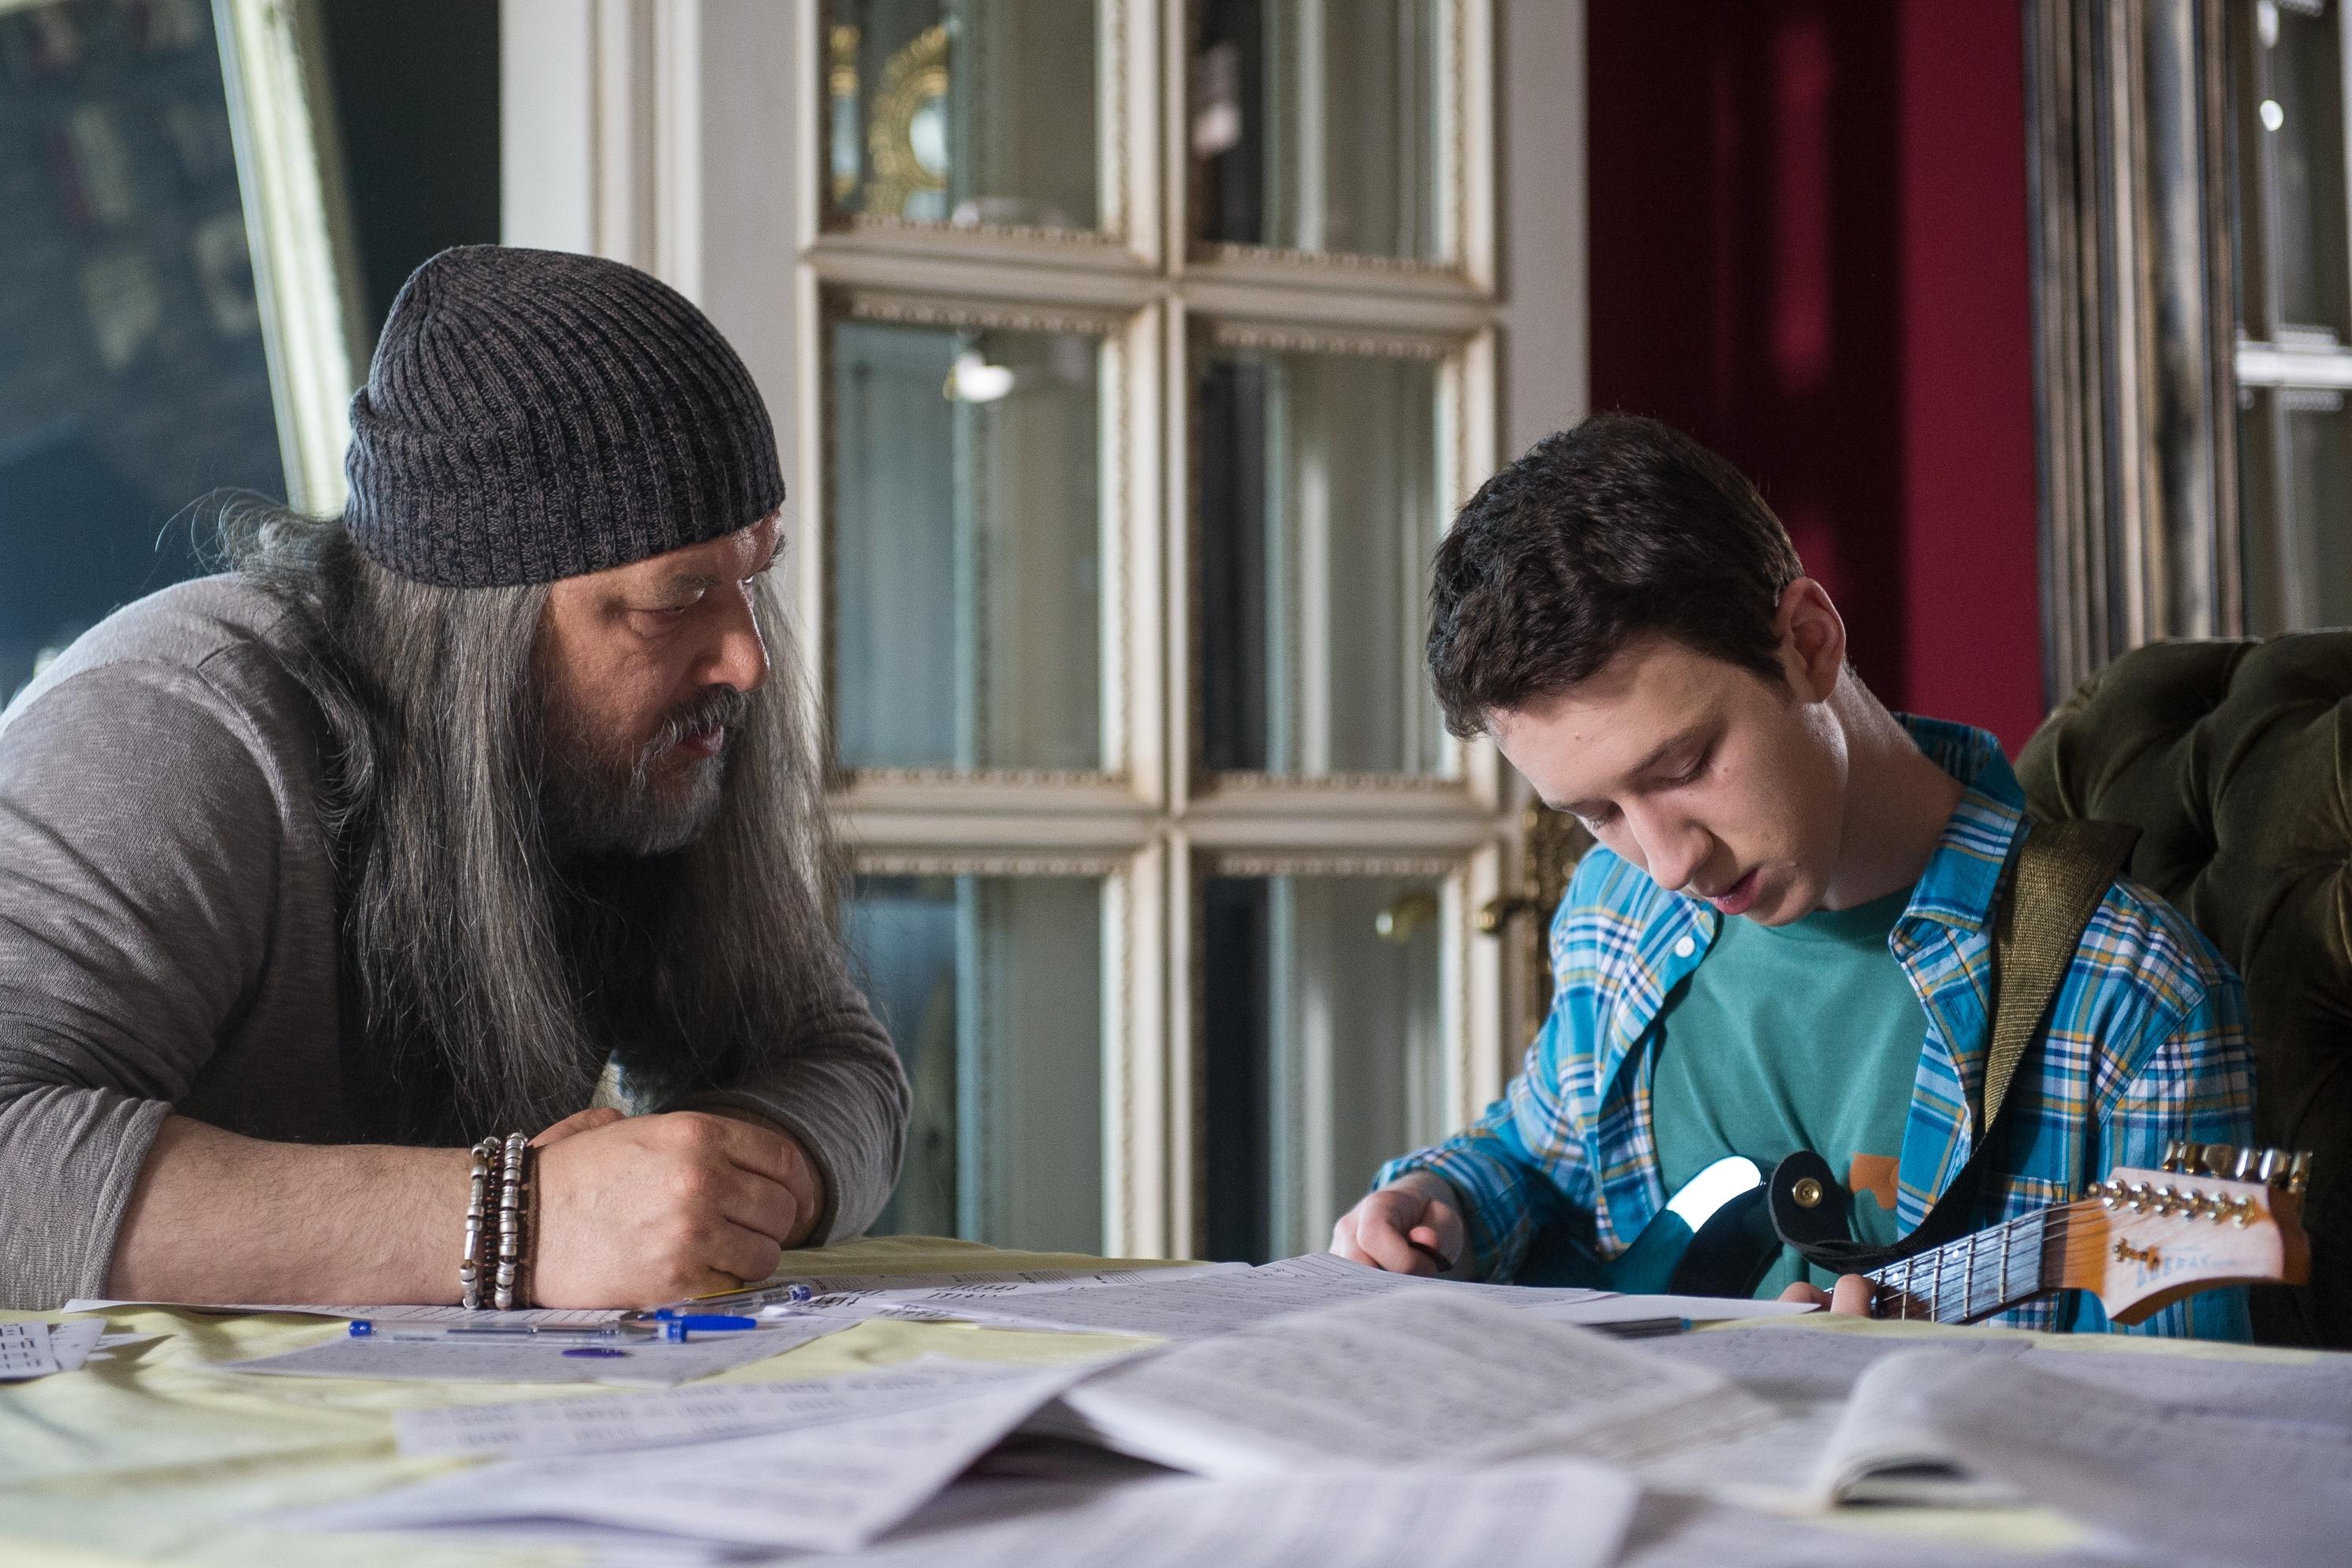 Разгульный рокер и мальчик с ДЦП станут героями фильма «Волшебник»